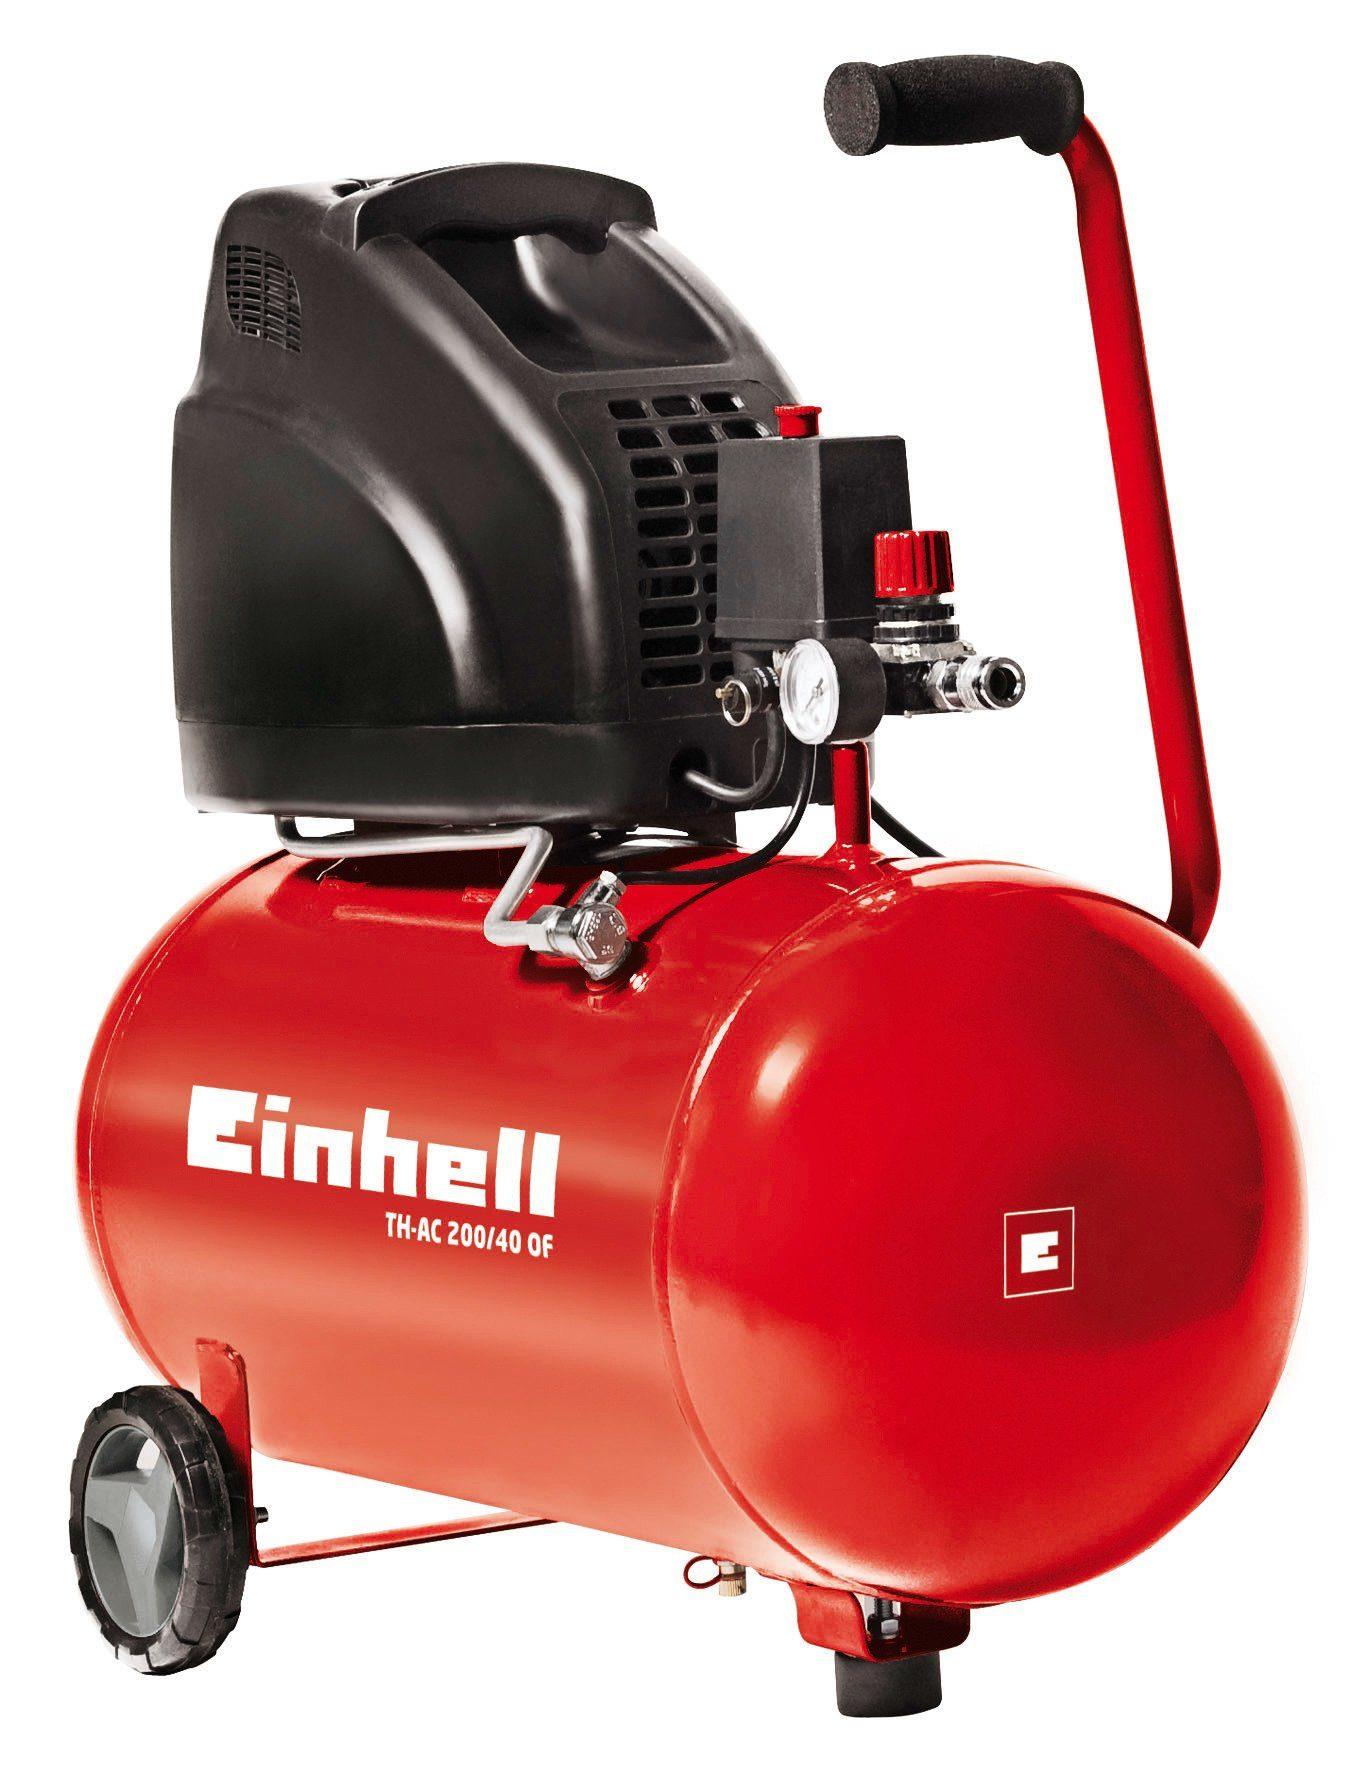 Einhell Kompressor »TH-AC 200/40 OF«